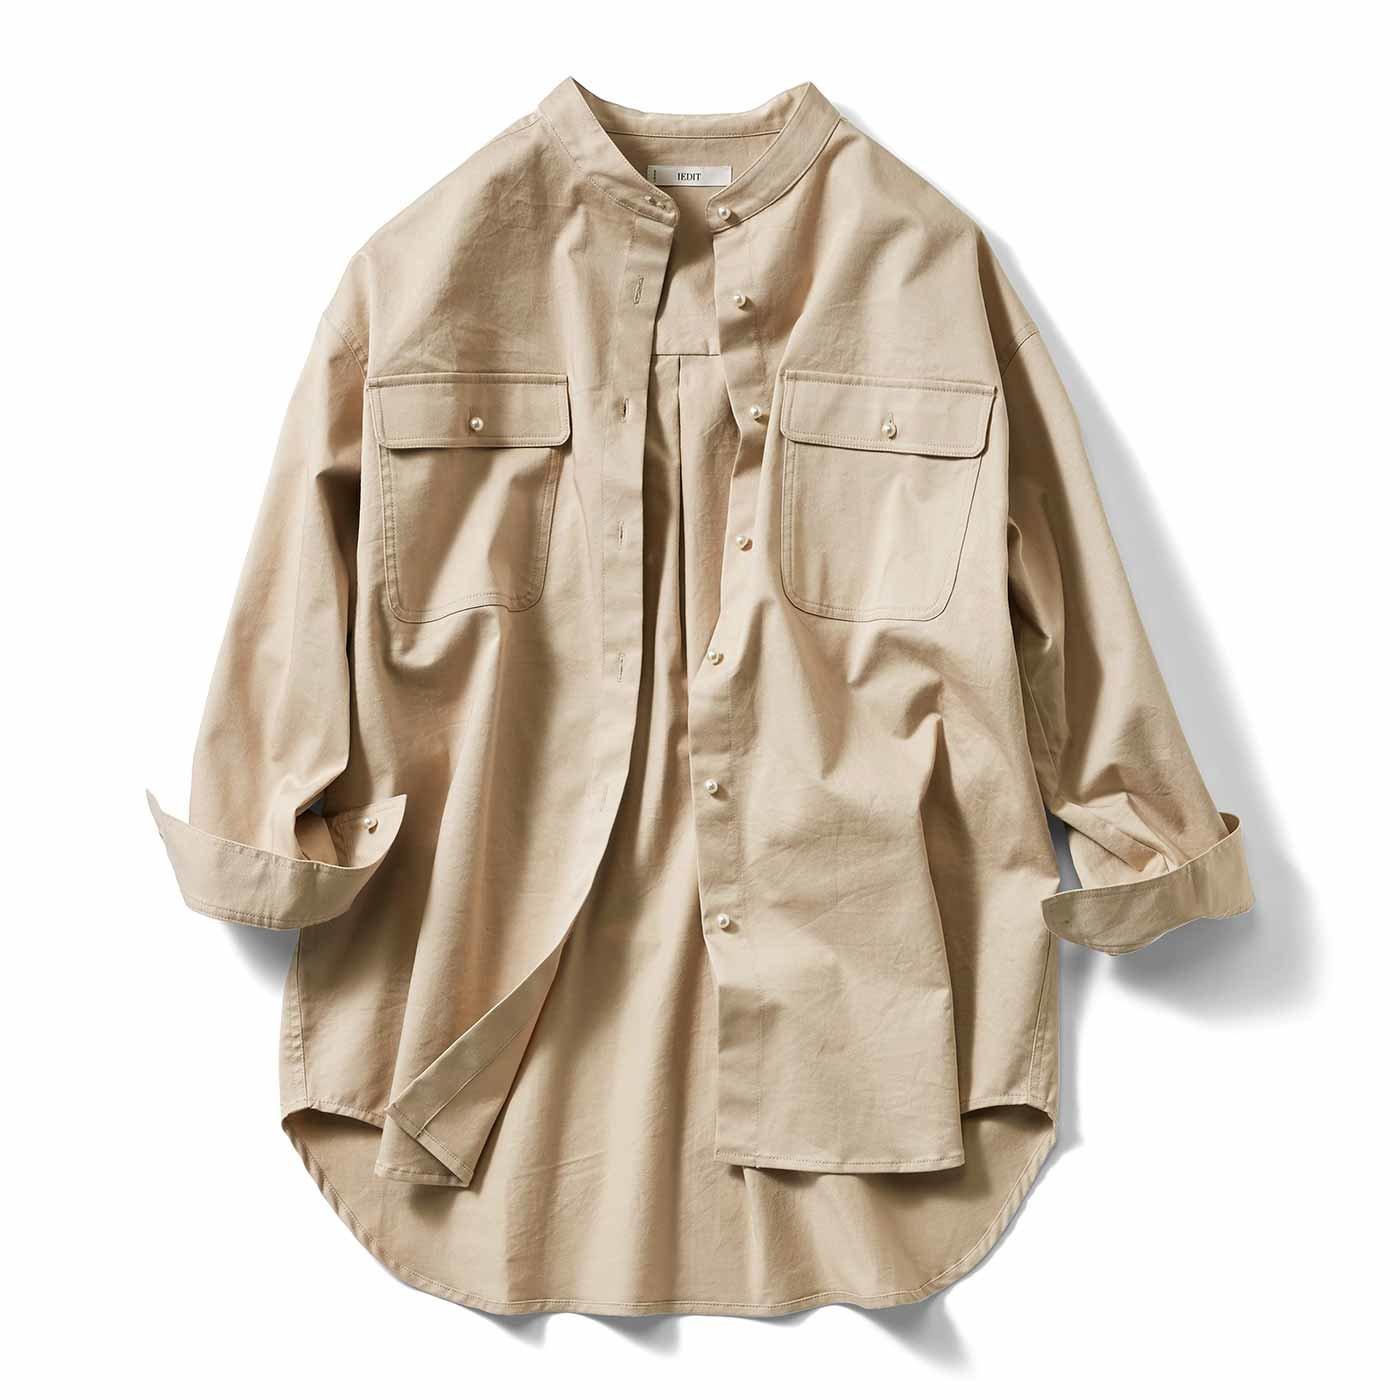 IEDIT[イディット] パール調ボタンのバンドカラービッグシャツ〈ツイルベージュ〉